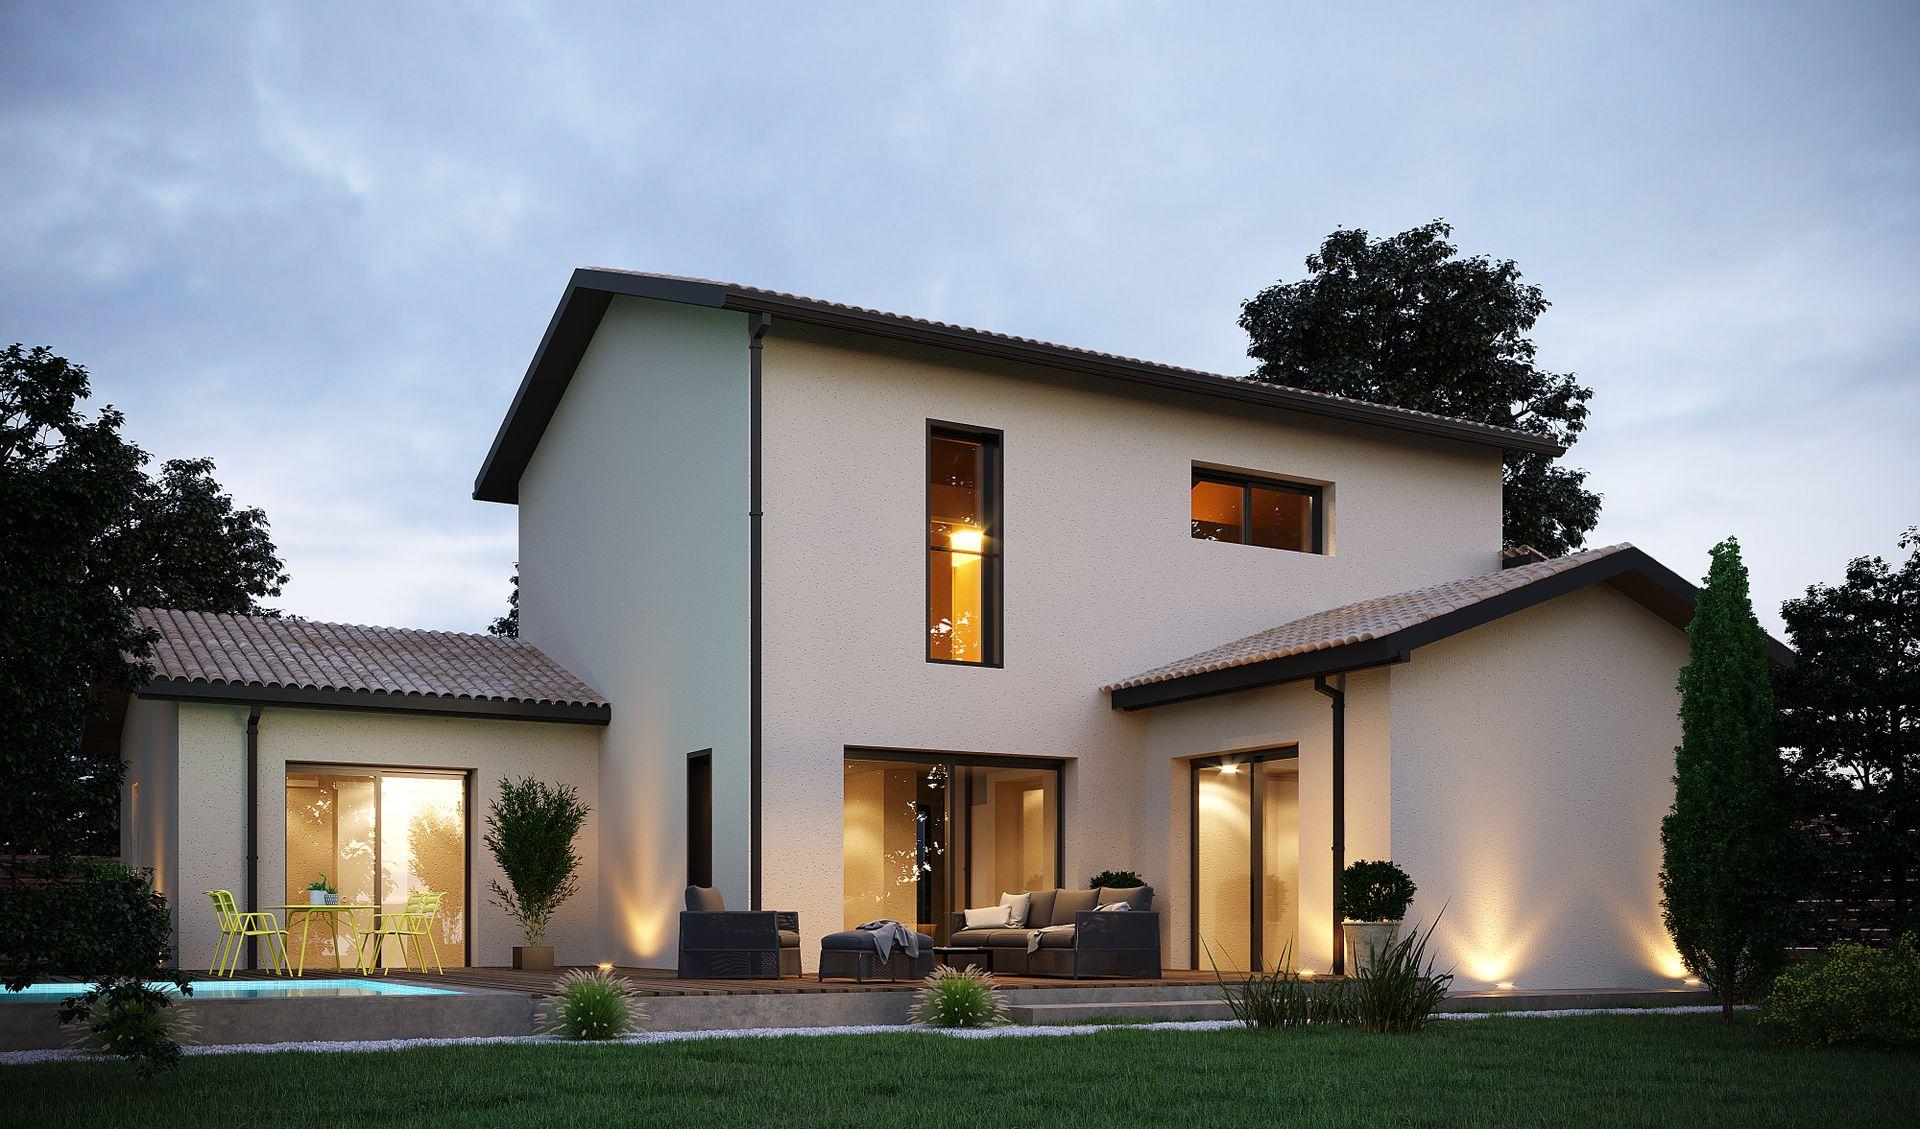 Maison Bouvier Sainte Luce Sur Loire constructeur de maison nantes - maisons arlogis à carquefou